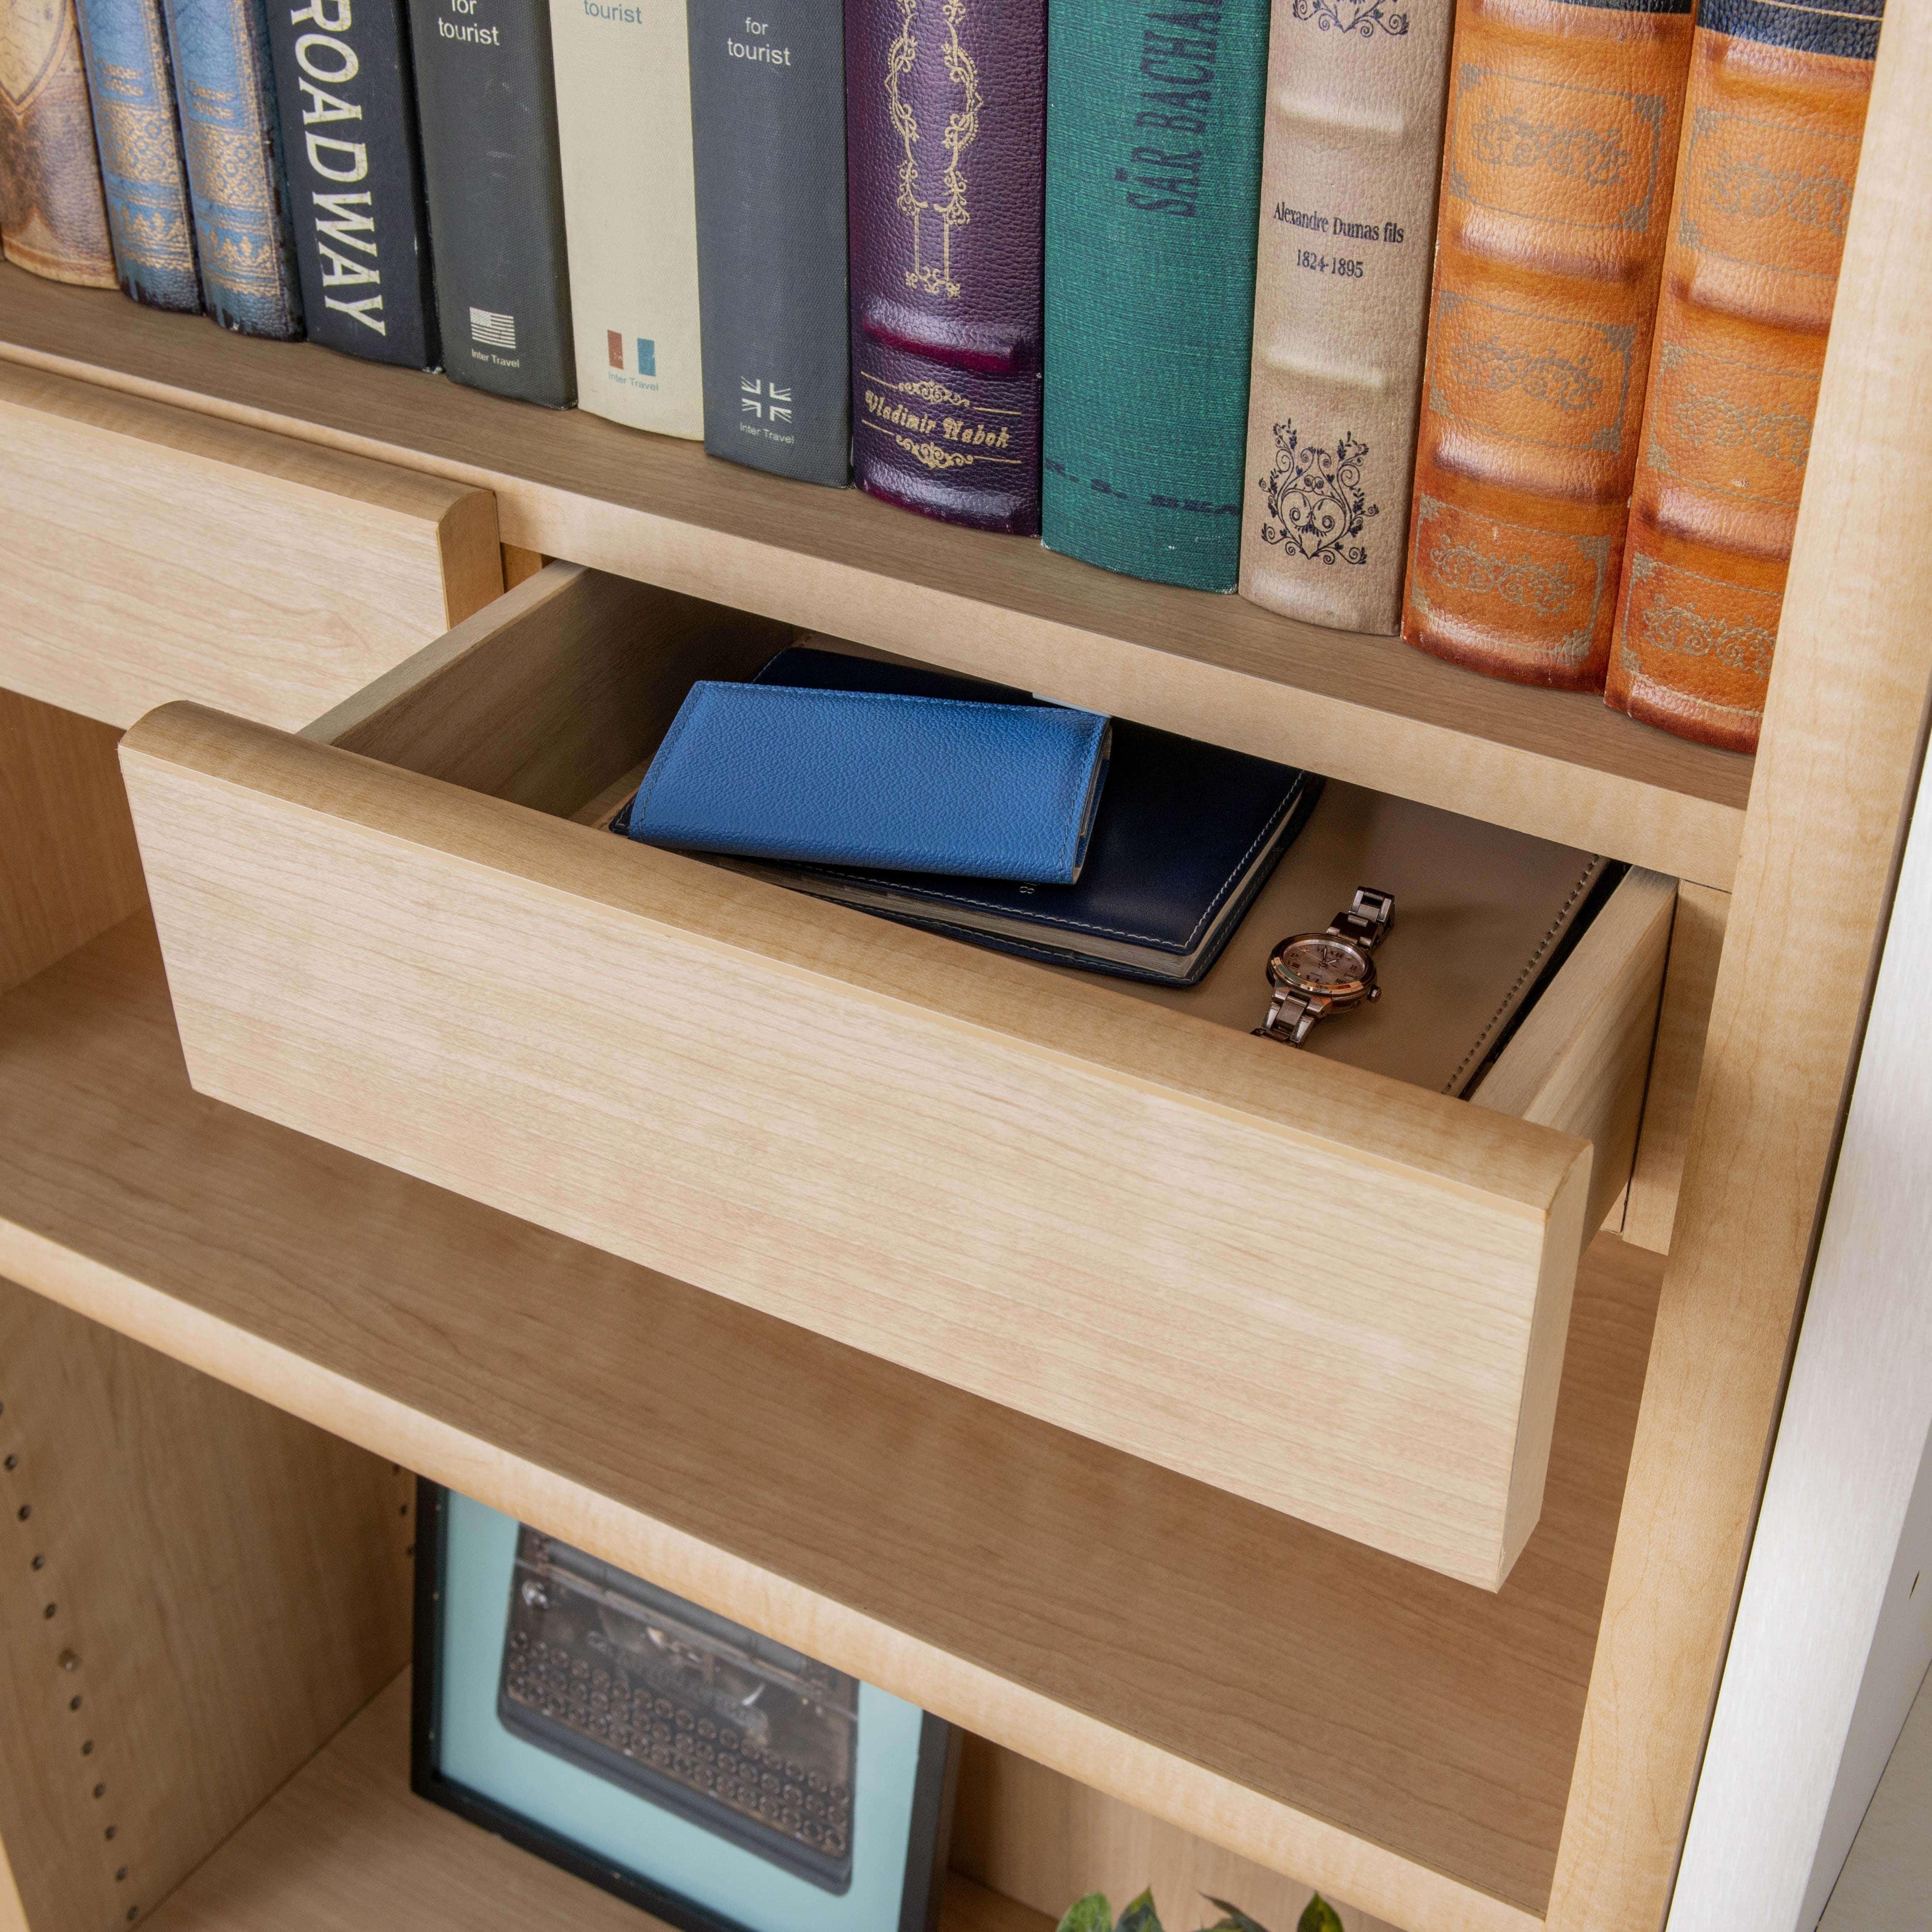 小島工芸 書棚 アコード85H(ホワイト):収納の幅を広げるオプション引き出し